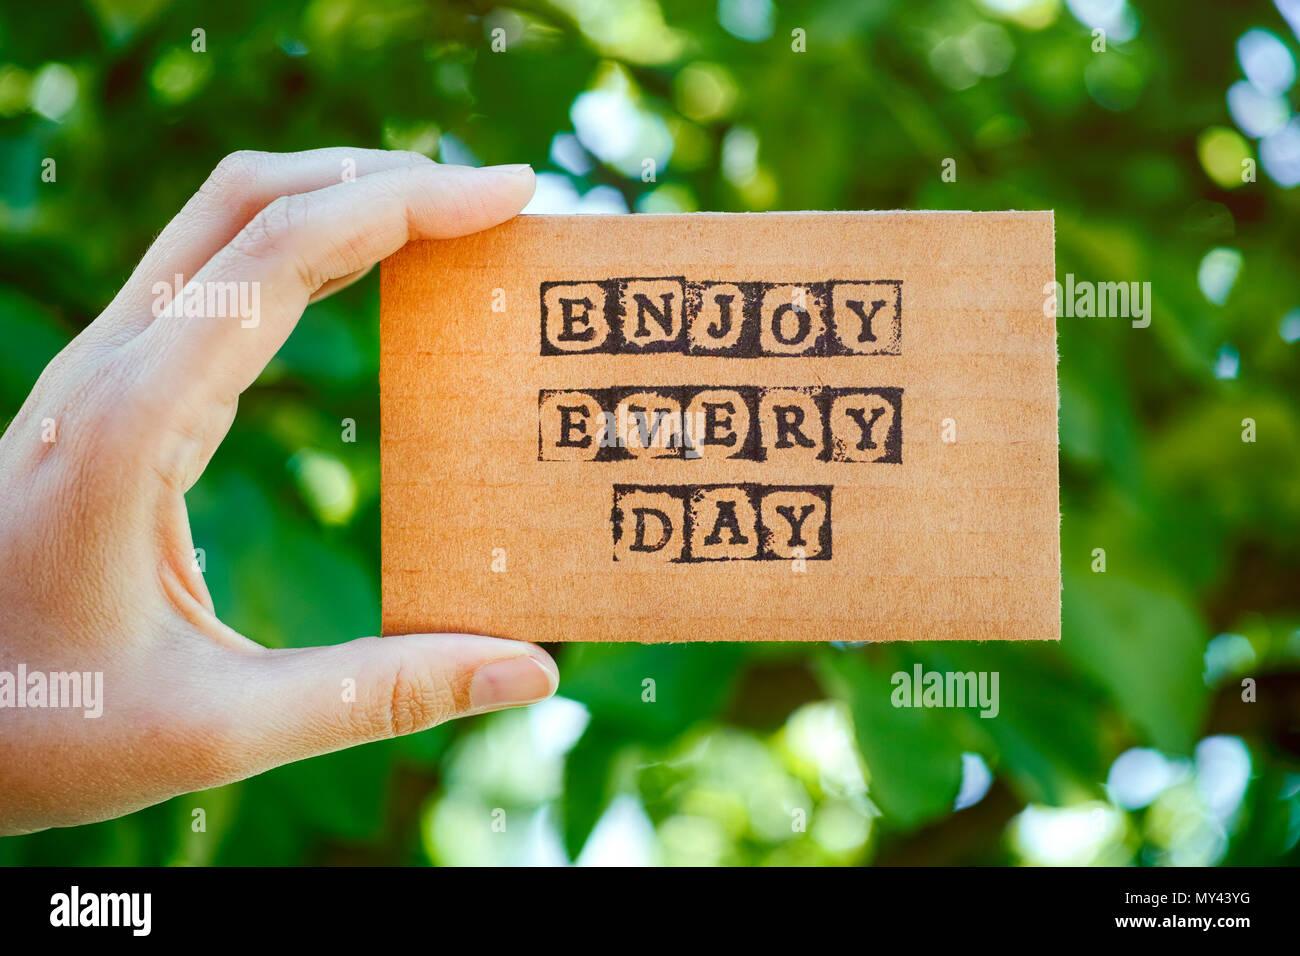 Mujer mano sujetando la tarjeta de cartón con palabras disfrutar cada día hechas por sellos alfabeto negro contra el fondo verde de la naturaleza. Imagen De Stock